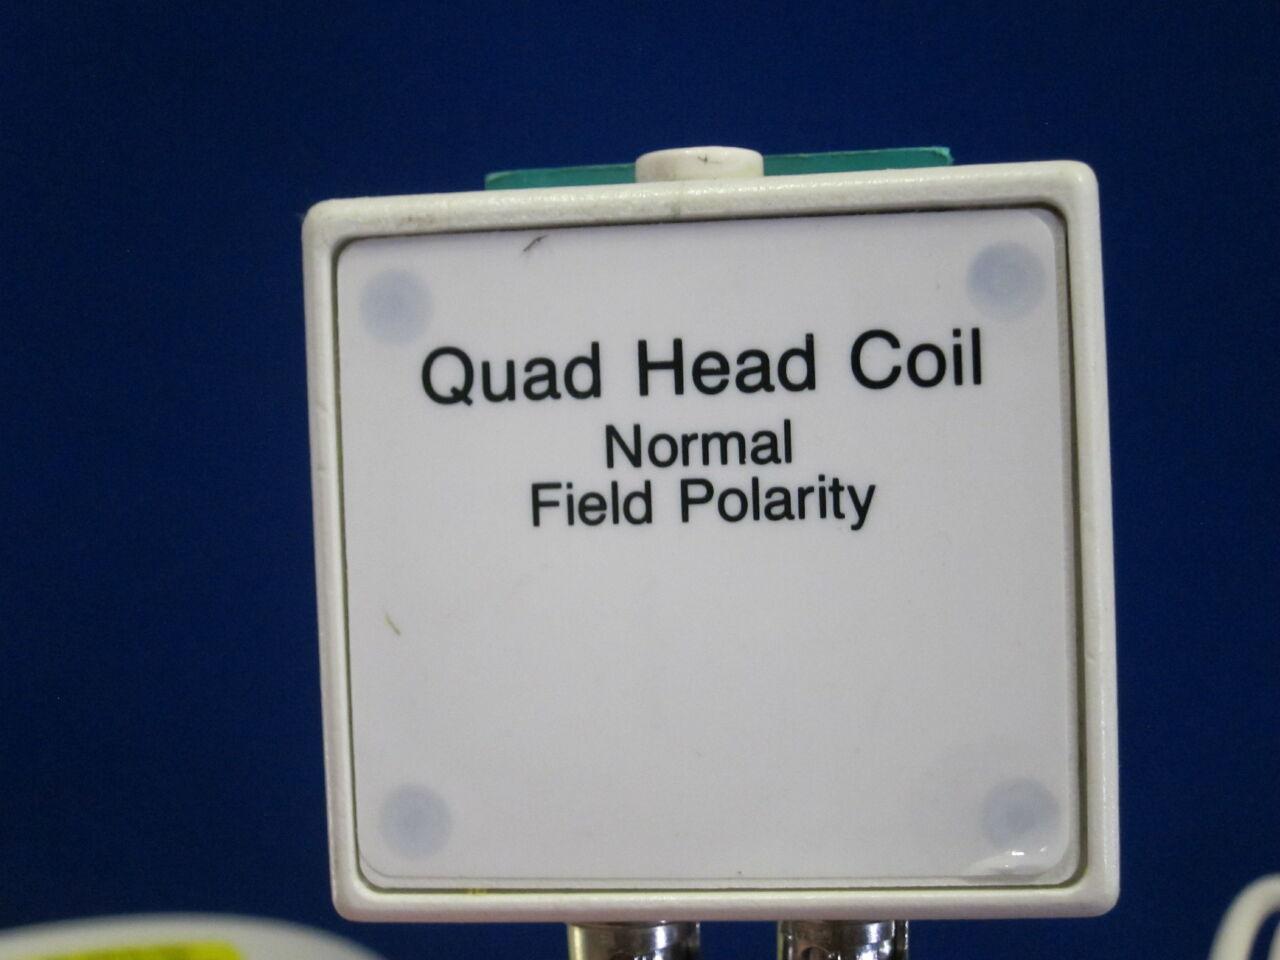 MEDICAL ADVANCES Quad Head MRI Coil